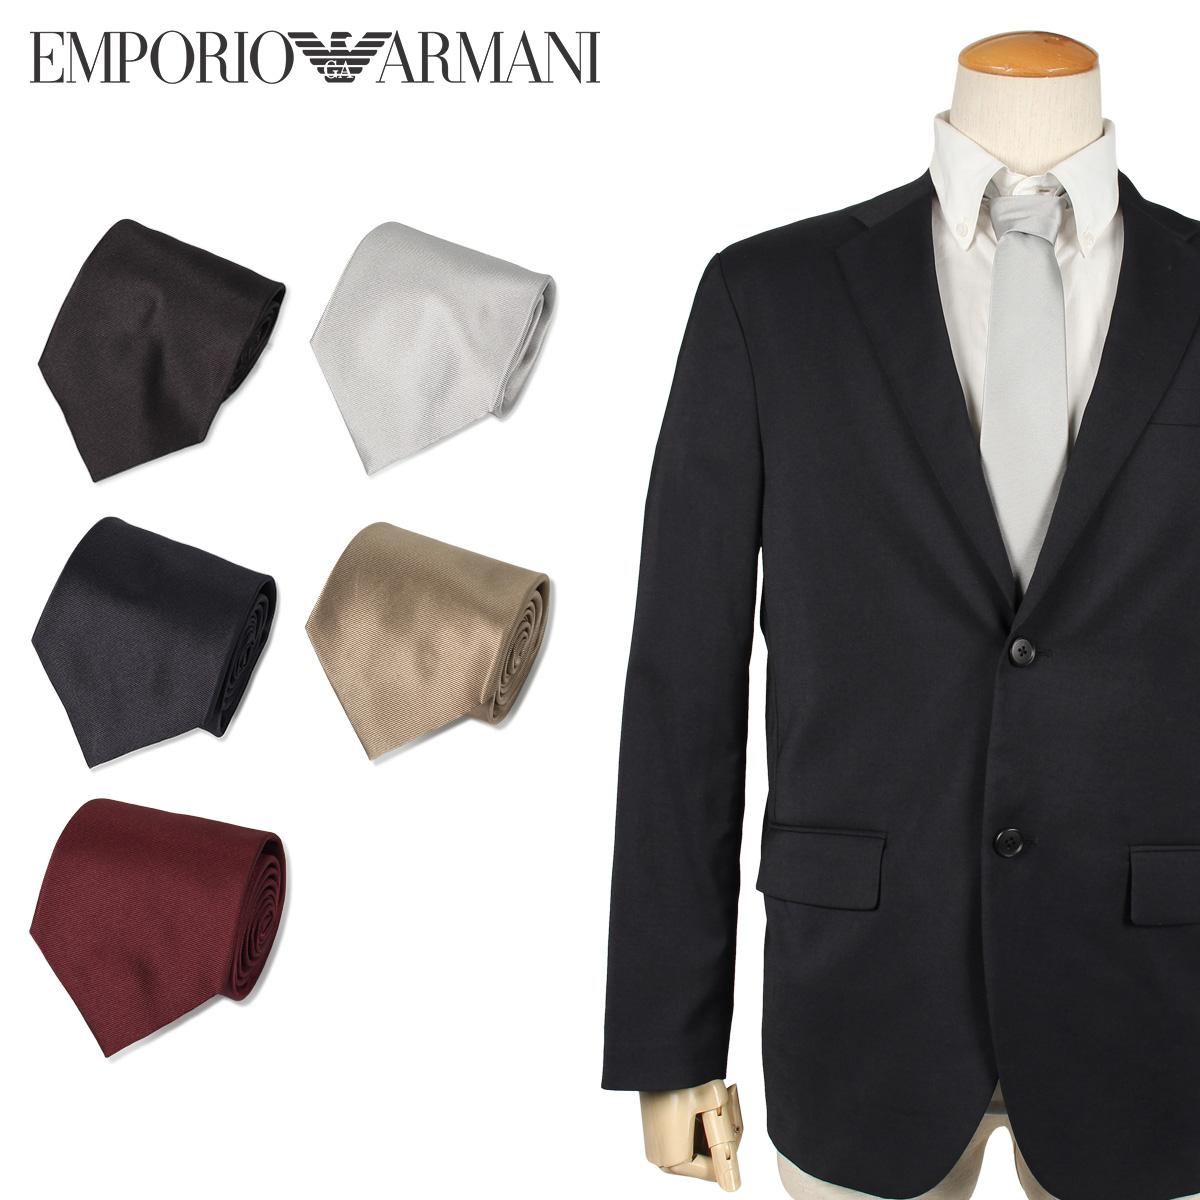 EMPORIO ARMANI エンポリオ アルマーニ ネクタイ メンズ イタリア製 シルク ビジネス 結婚式 ブラック ダーク ネイビー ワイン レッド ゴールド シルバー 黒